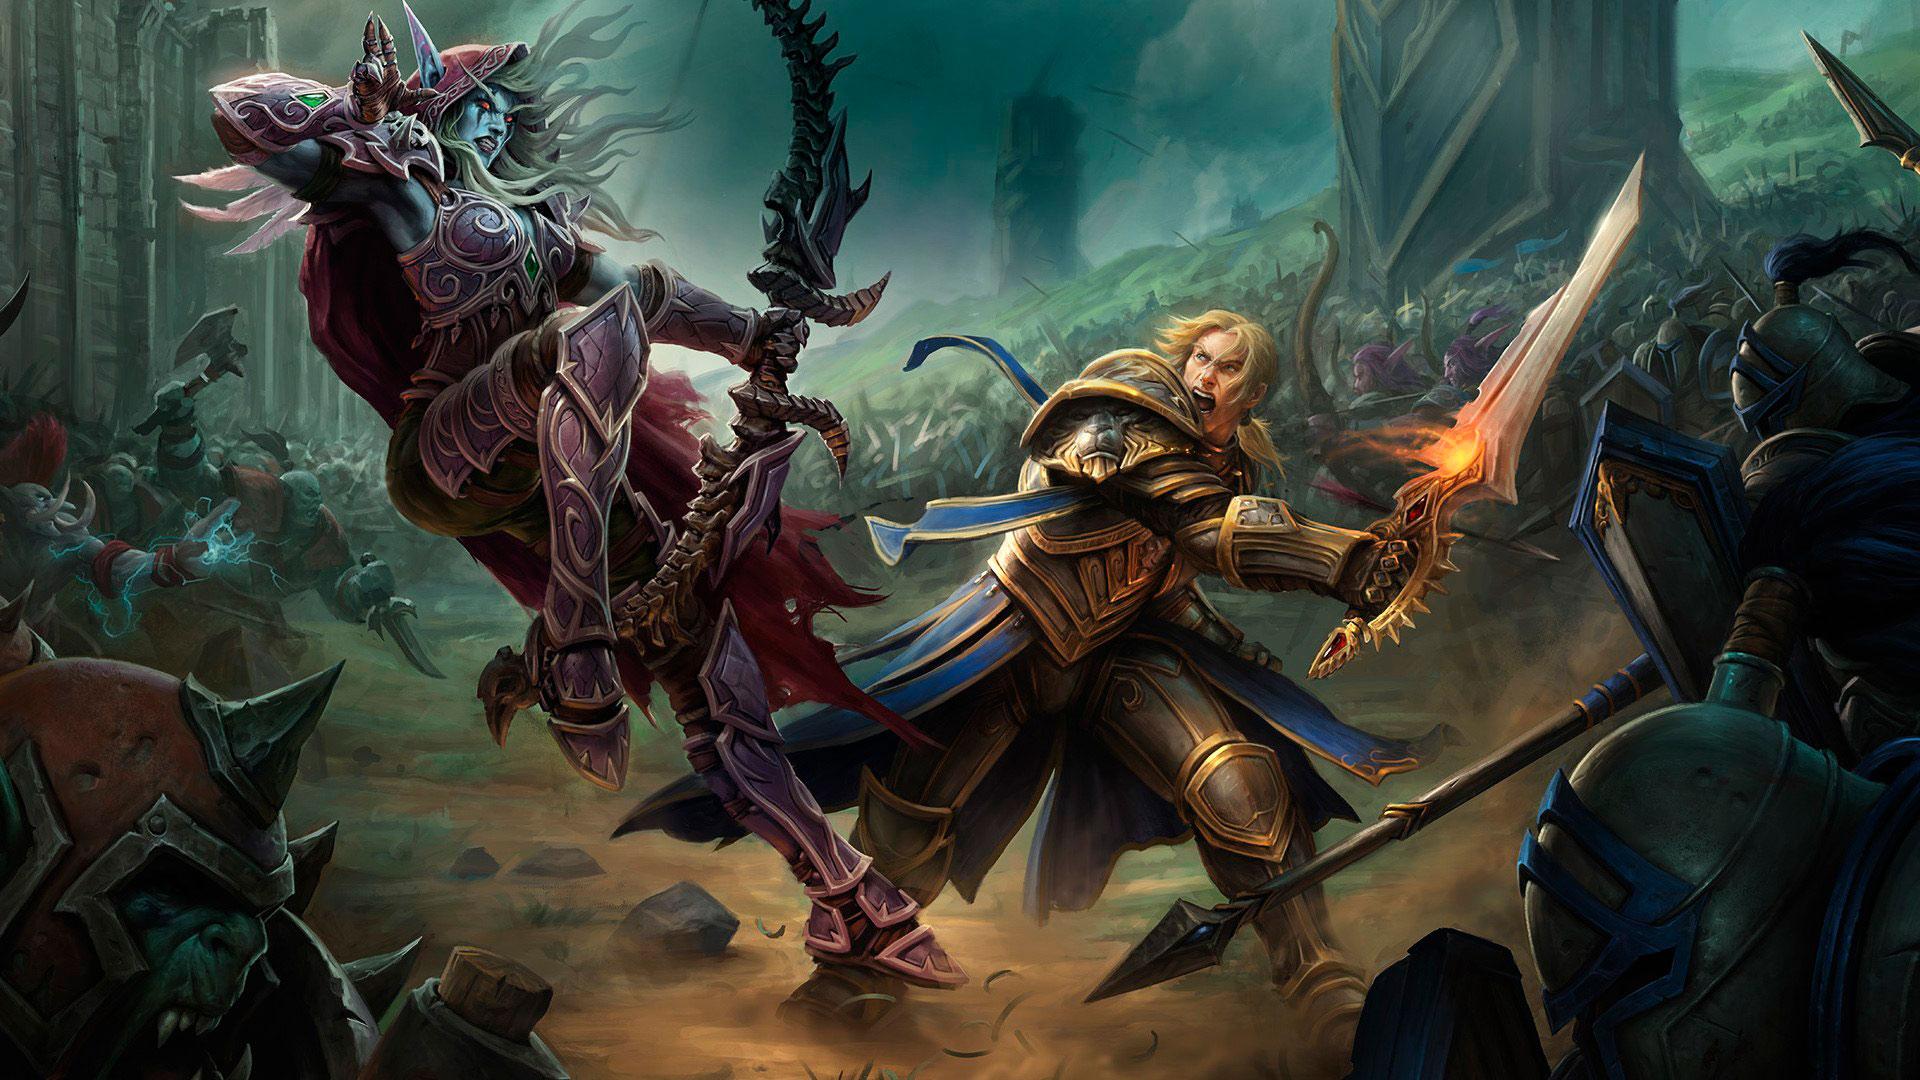 World of Warcraft красивые и крутые обои для рабочего стола 5